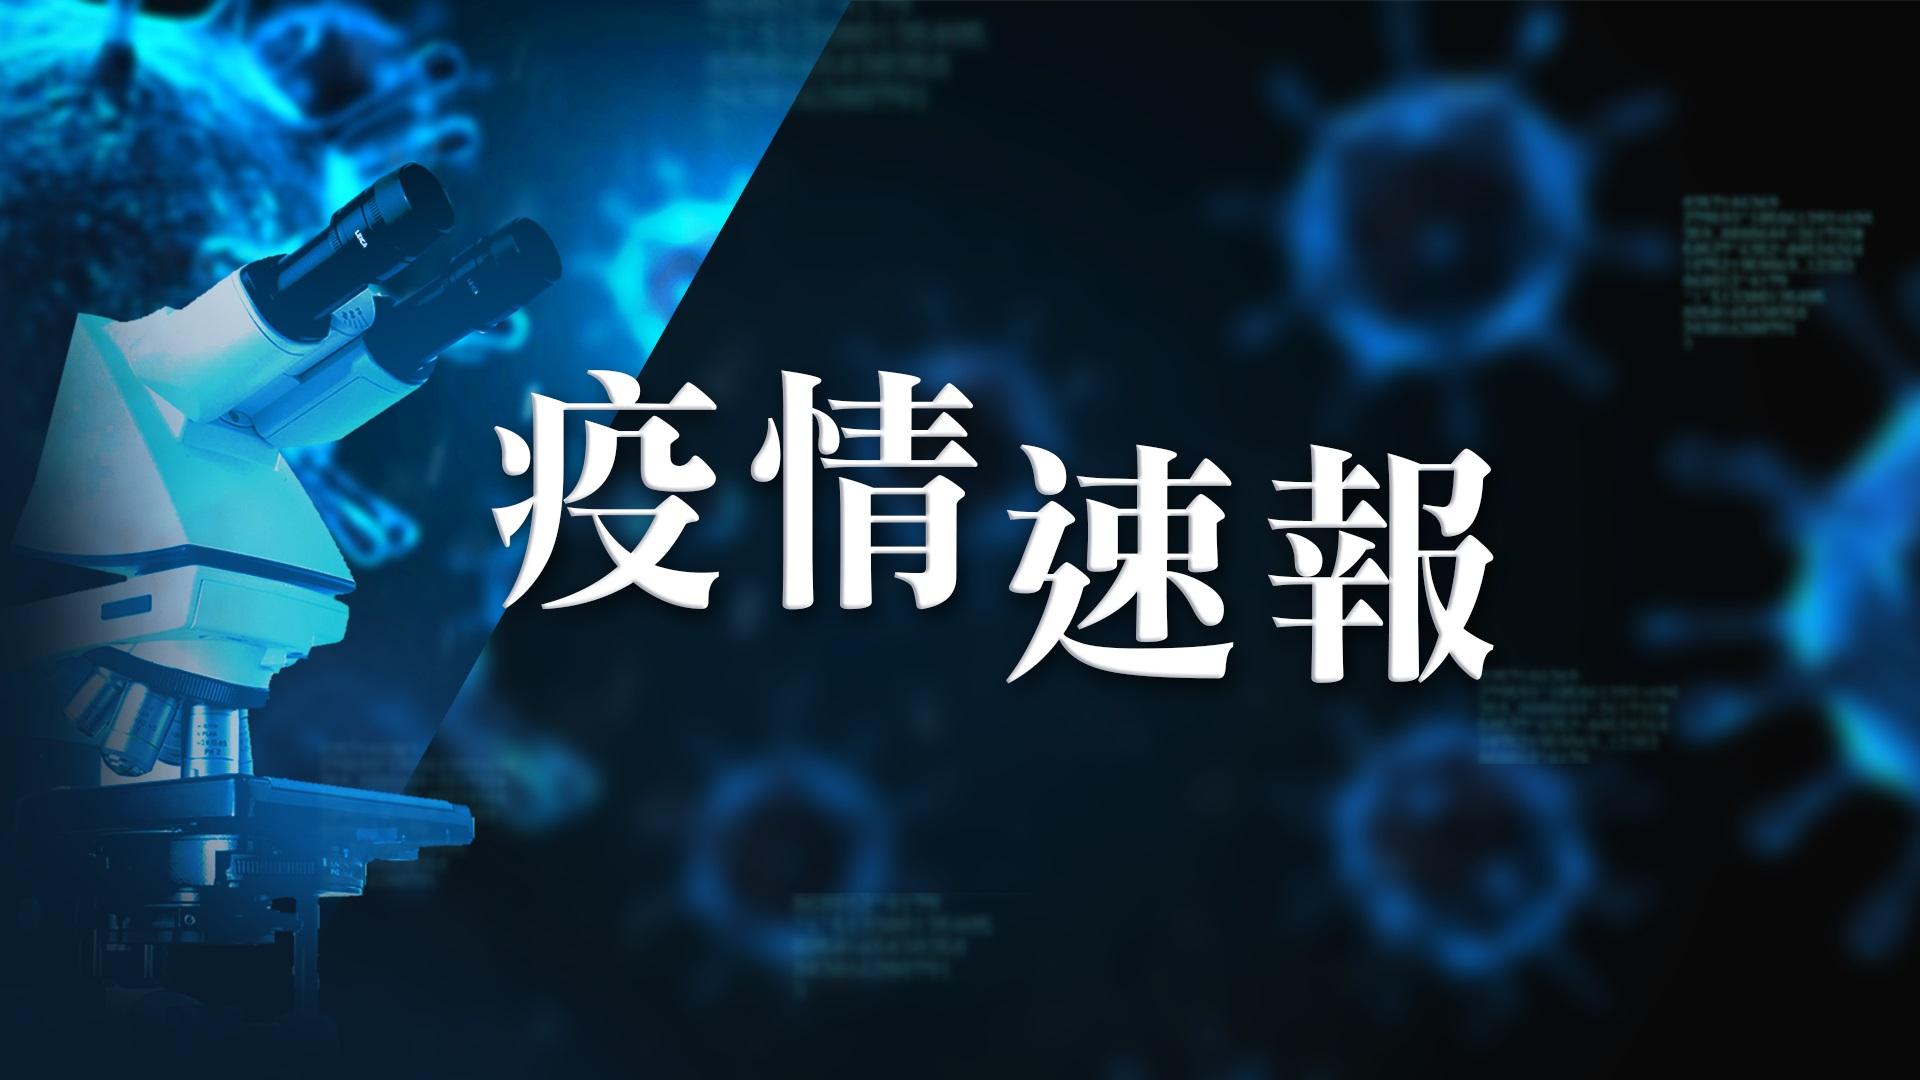 【7月12日疫情速報】(17:30)